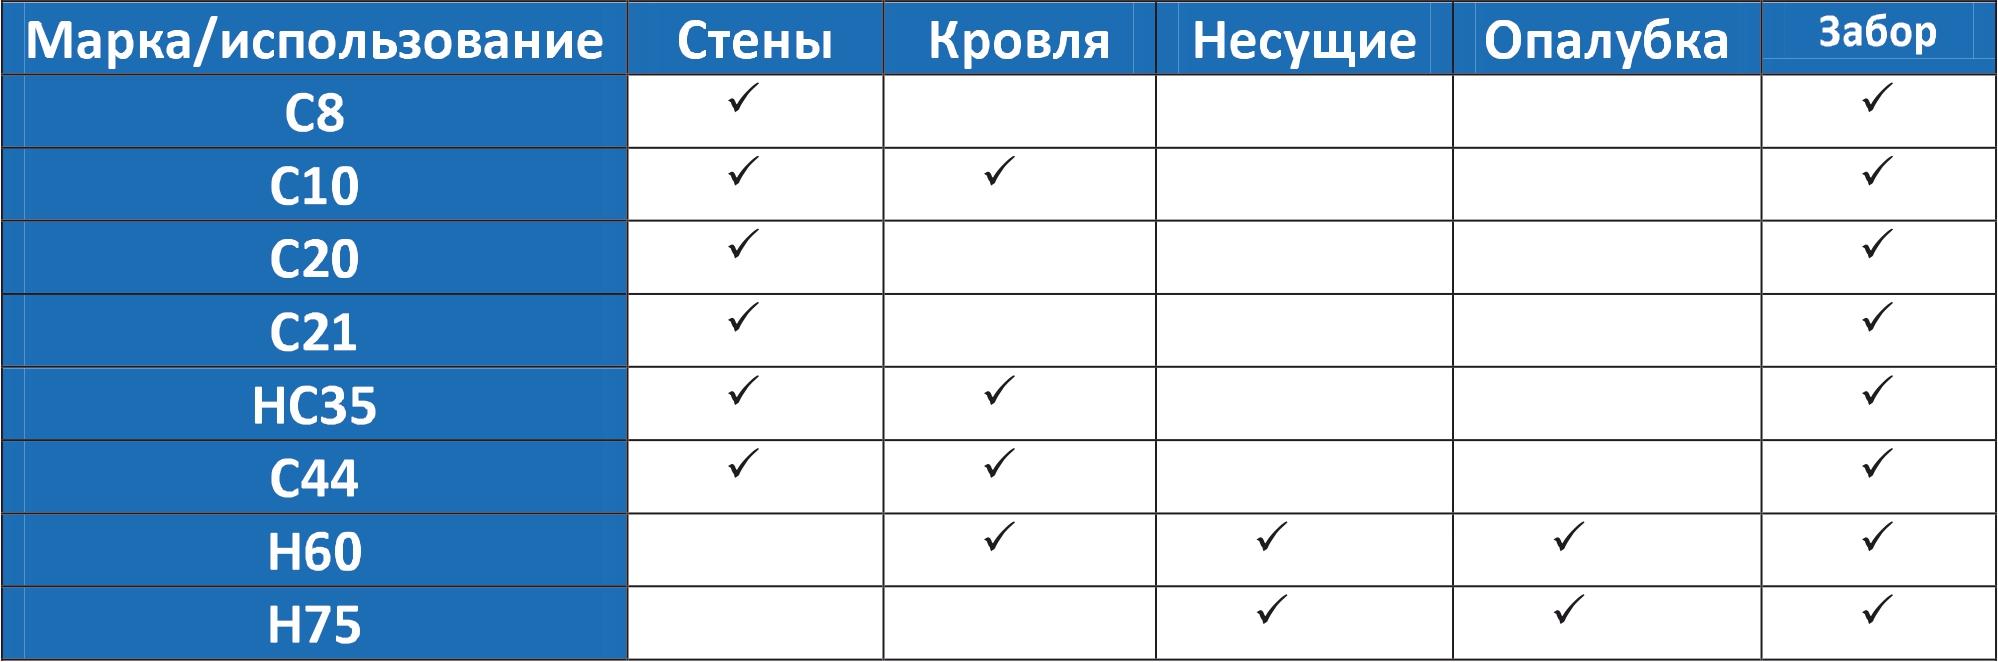 Сферы применения профлиста